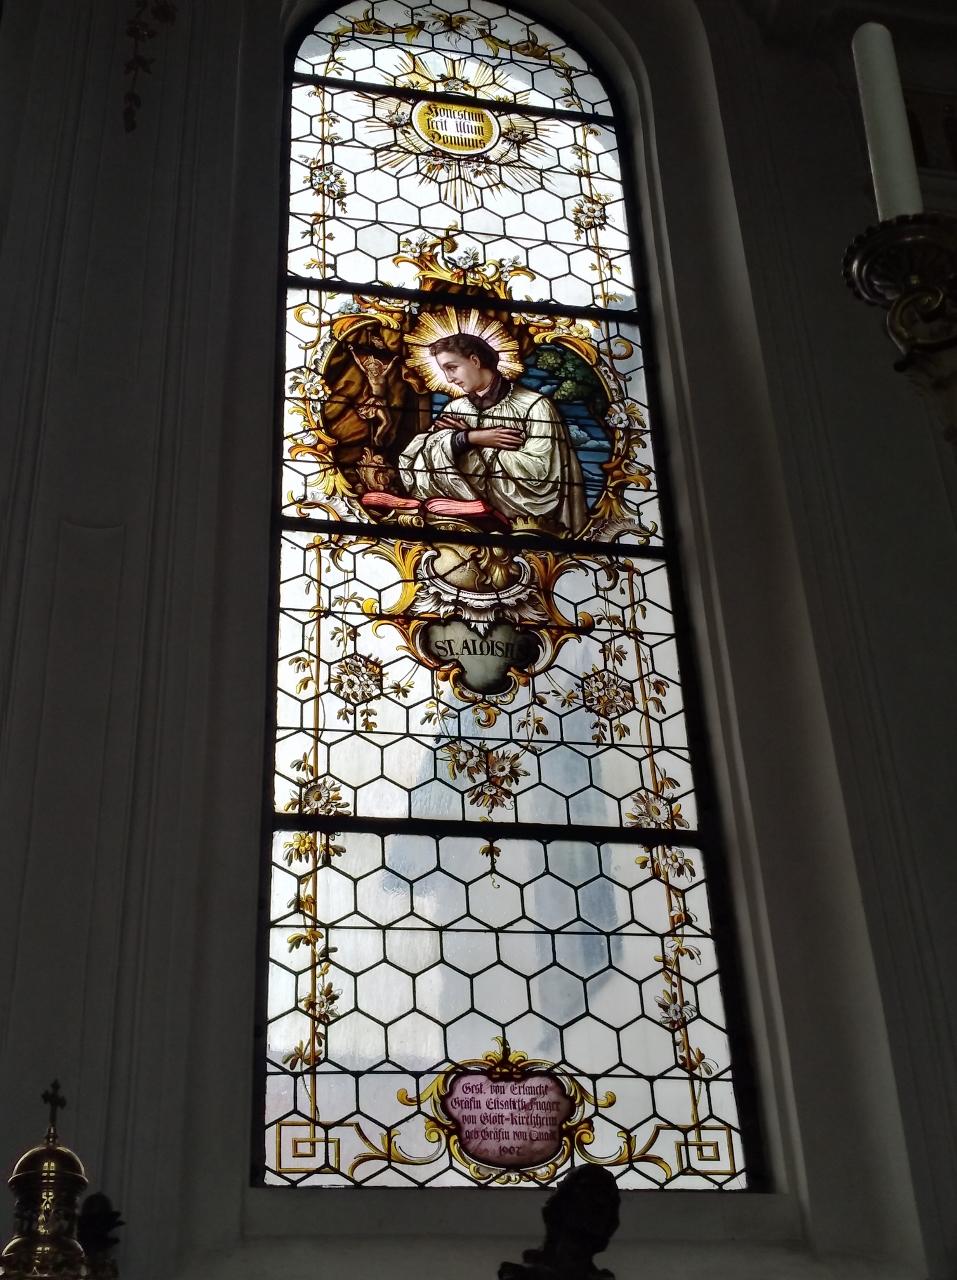 Kirchenfenster St. Nikolaus Oberndorf 2018 St. Aloisius (957x1280)